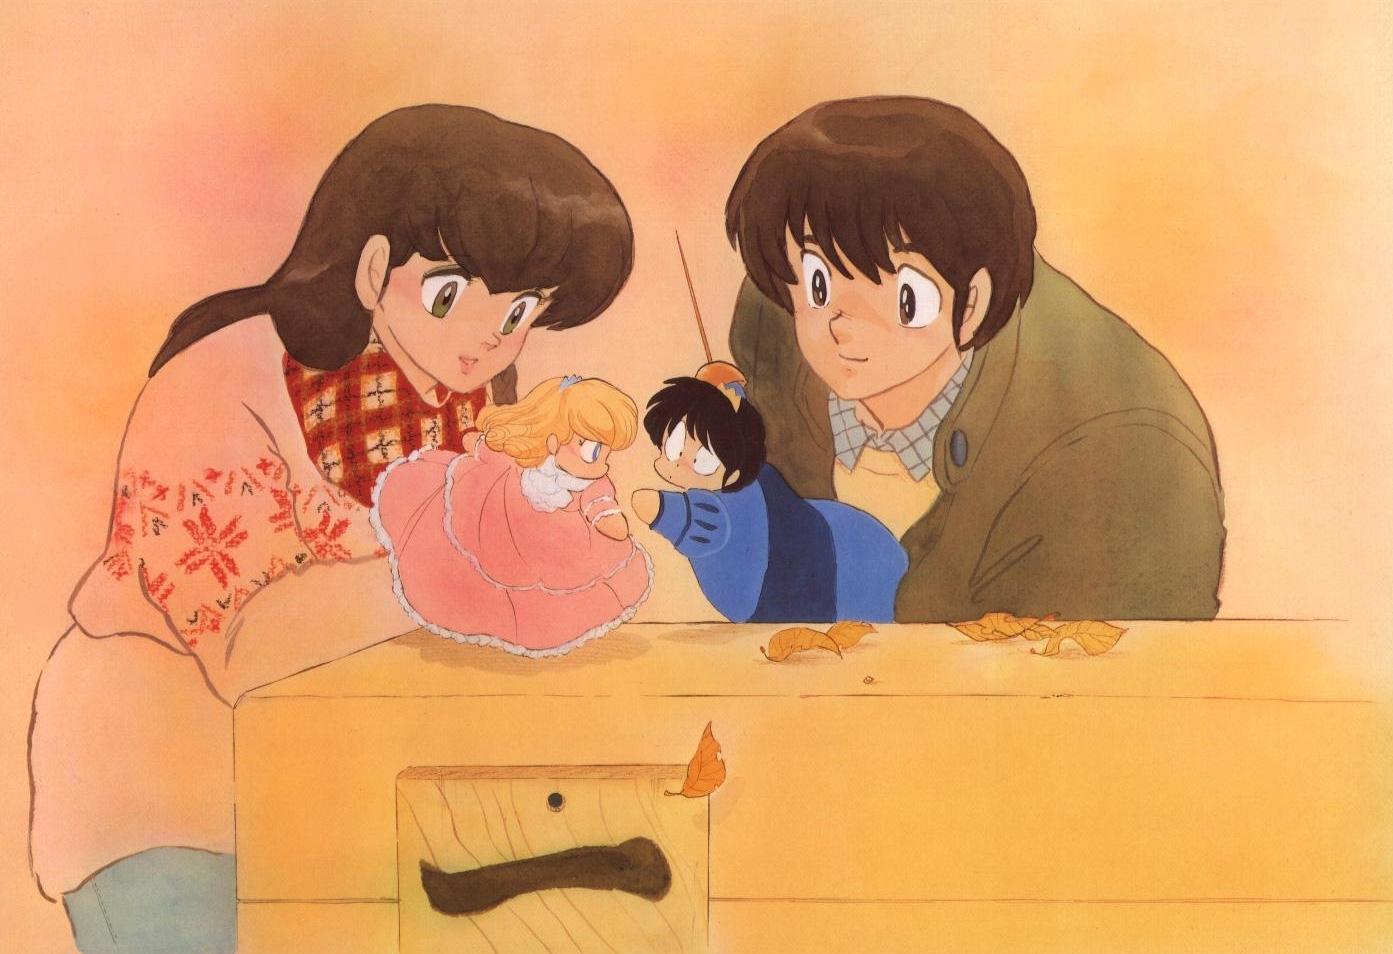 Maison ikkoku illustrazioni for Anime maison ikkoku